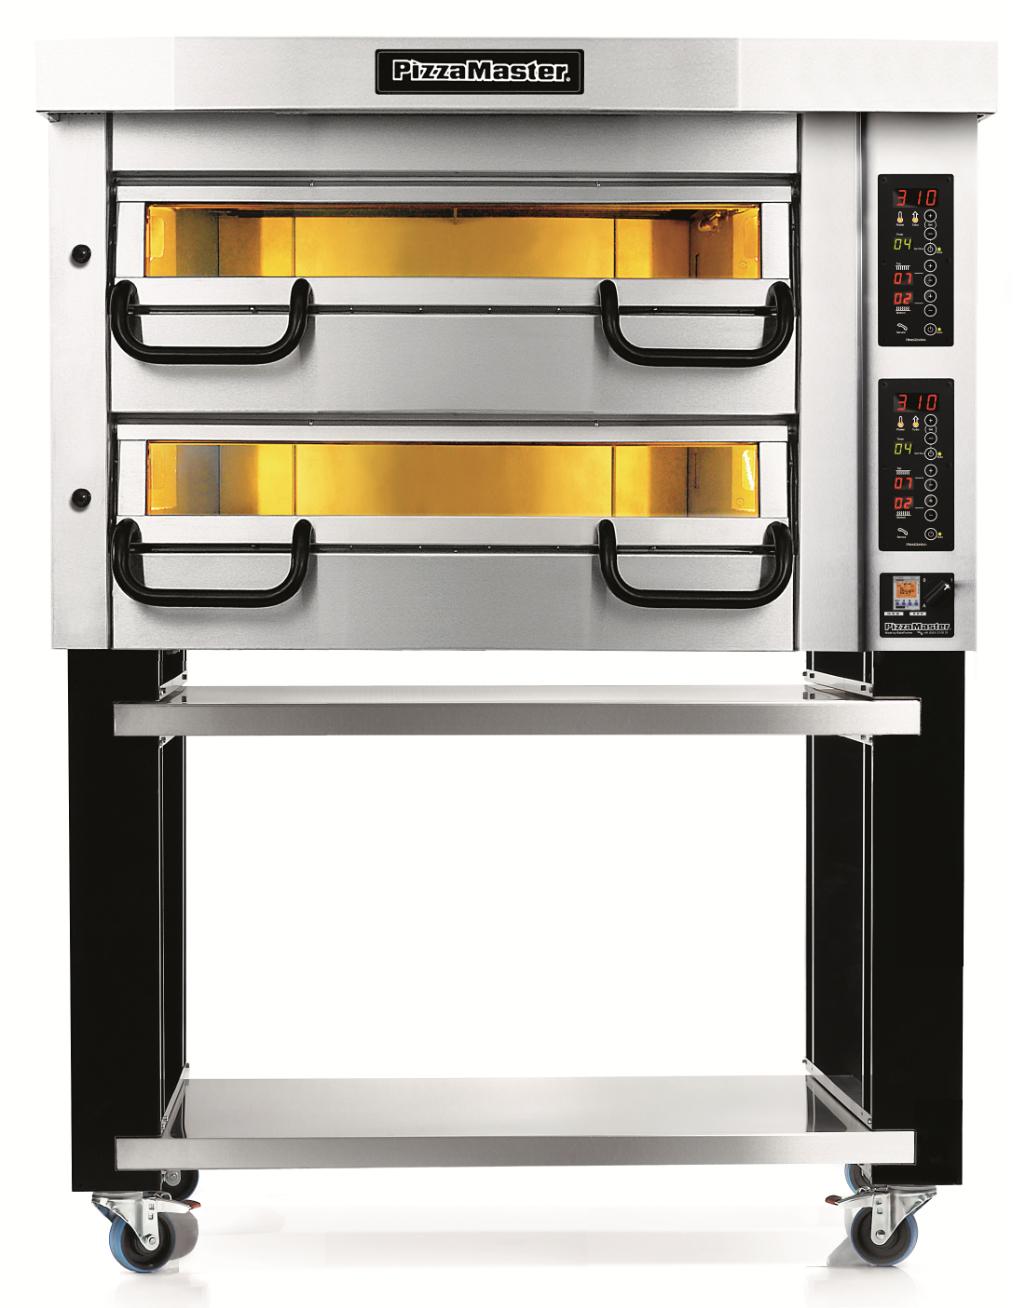 Four à pizza professionnel modulaire 2 chambres de cuisson